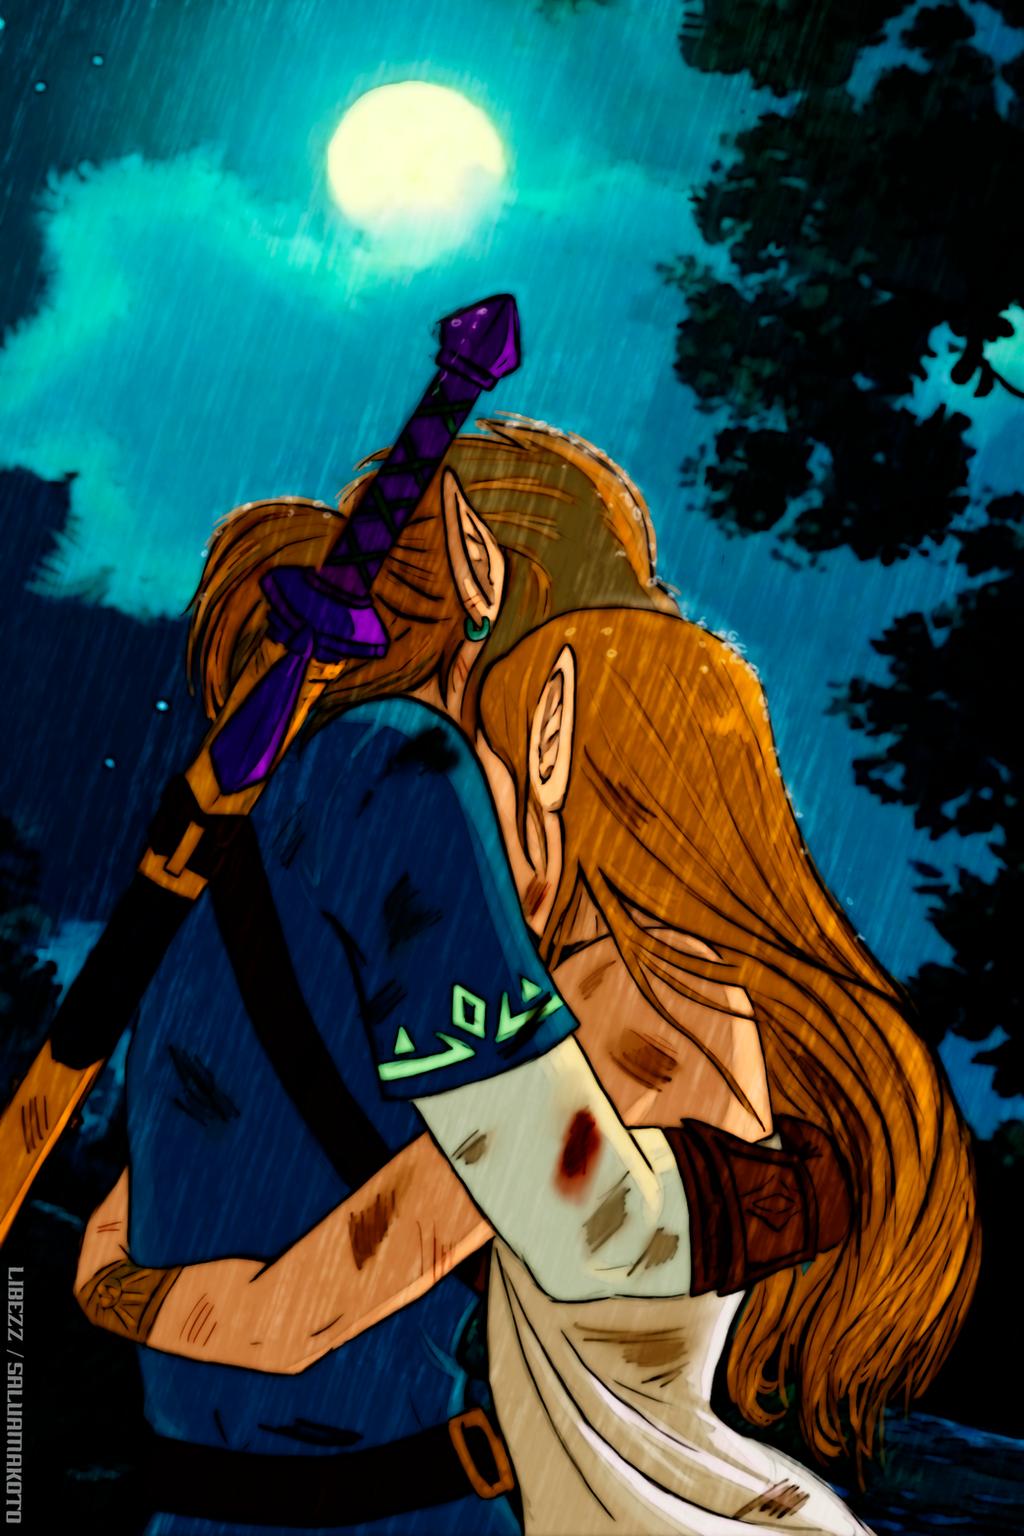 Zelda BOTW by salvamakoto